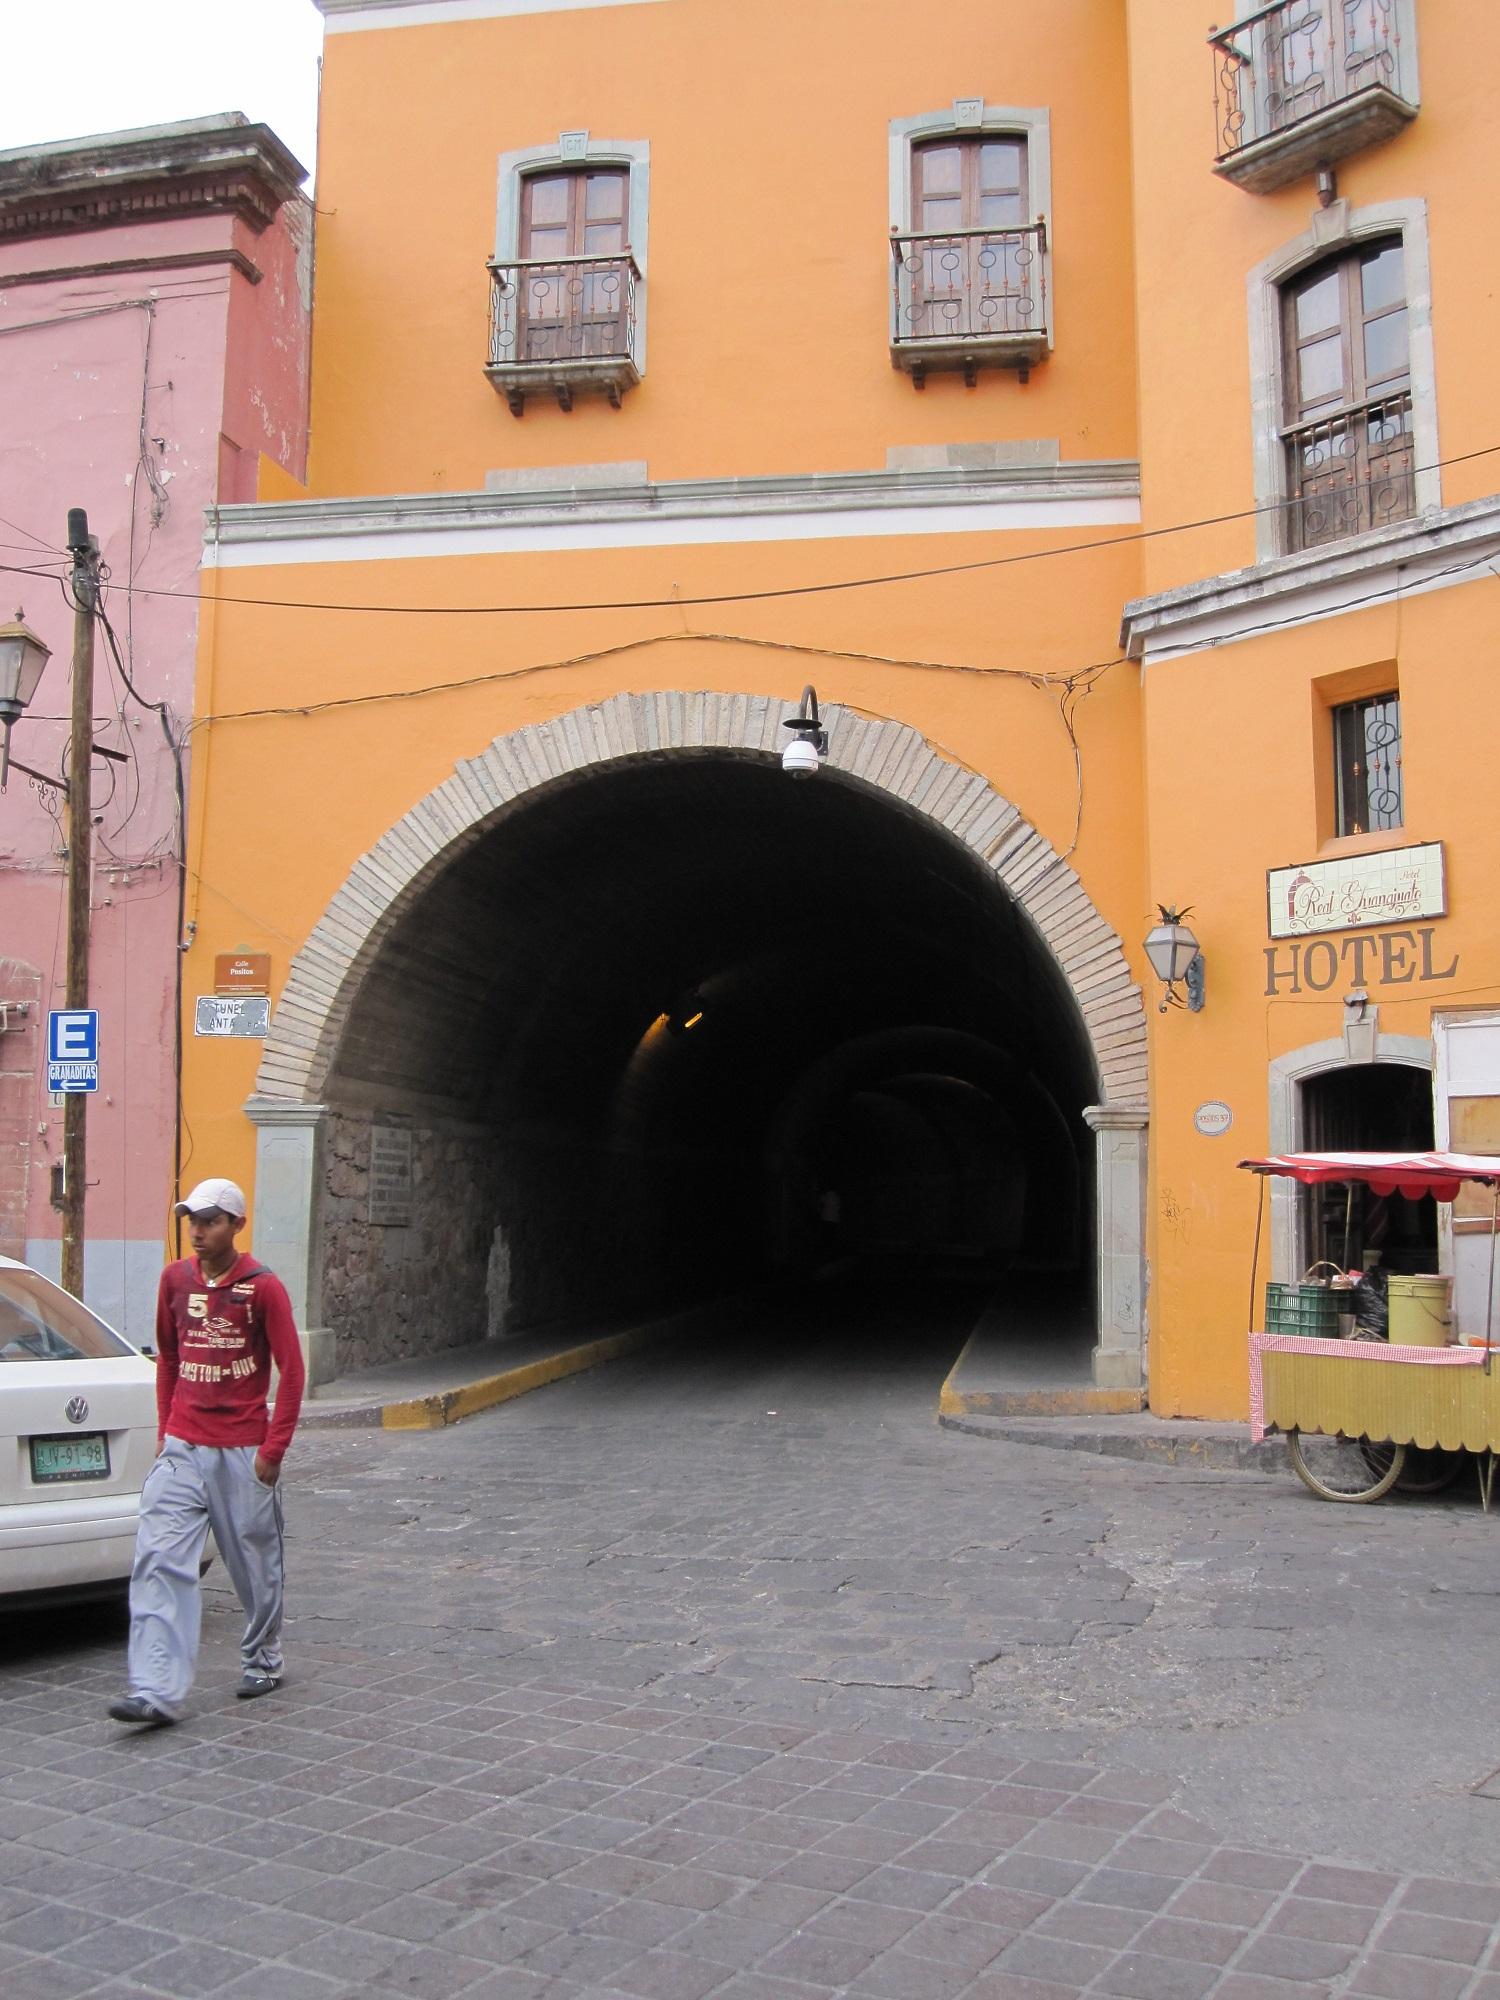 tunnel in guanajuato, mexico